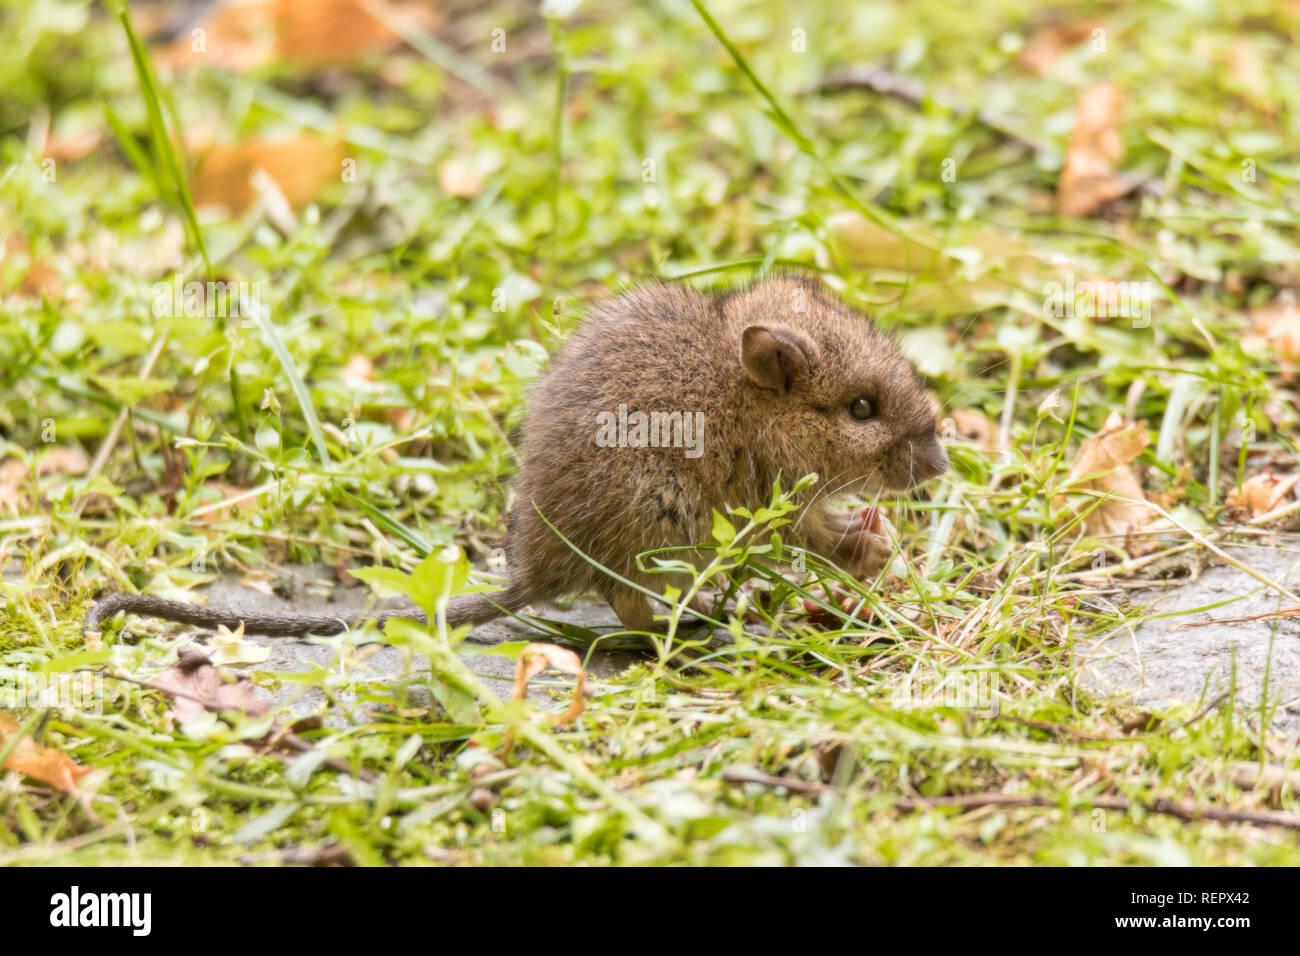 Außergewöhnlich Wild baby Ratte oder Maus auf Rasen im Garten Stockfoto, Bild @RY_31